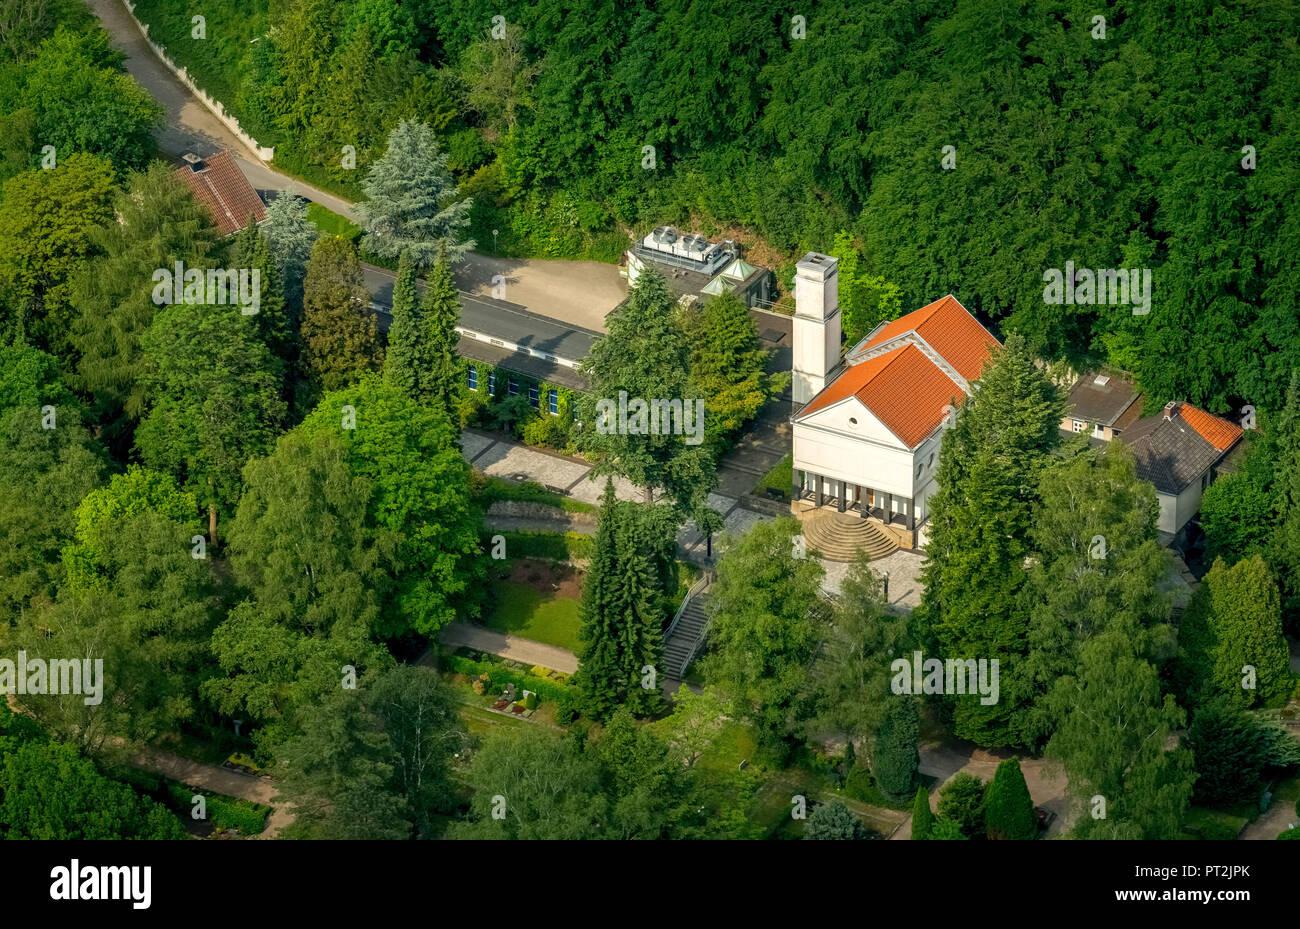 Eduard Mueller crematorium, Delstern, monument, crematorium Hagen, Hagen, Ruhr area, North Rhine-Westphalia, Germany - Stock Image